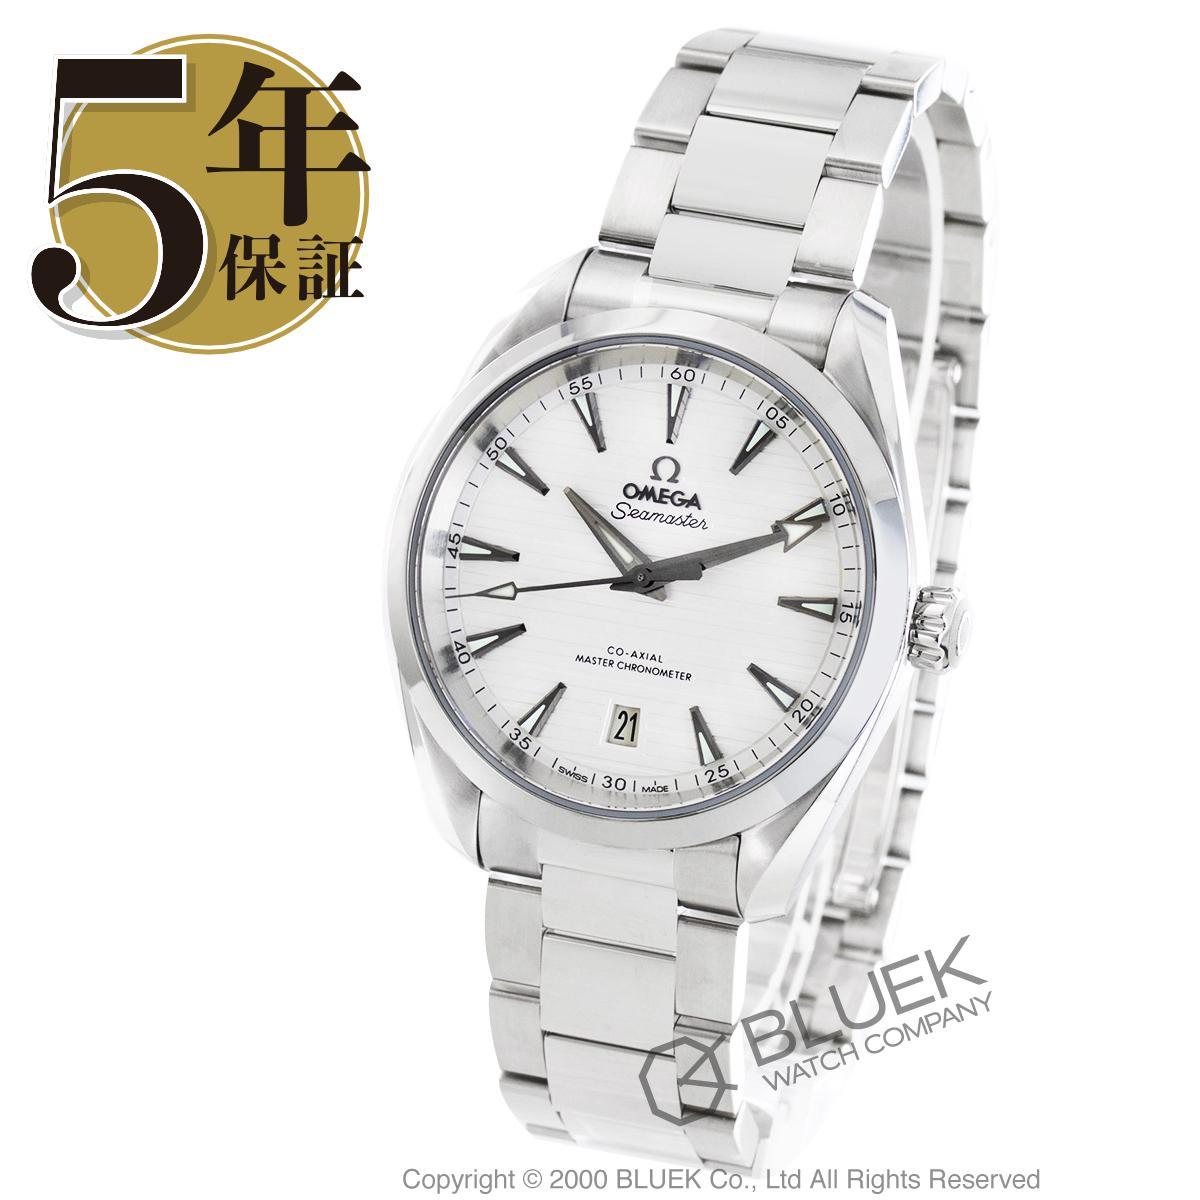 オメガ シーマスター アクアテラ マスタークロノメーター 腕時計 メンズ OMEGA 220.10.38.20.02.001_5